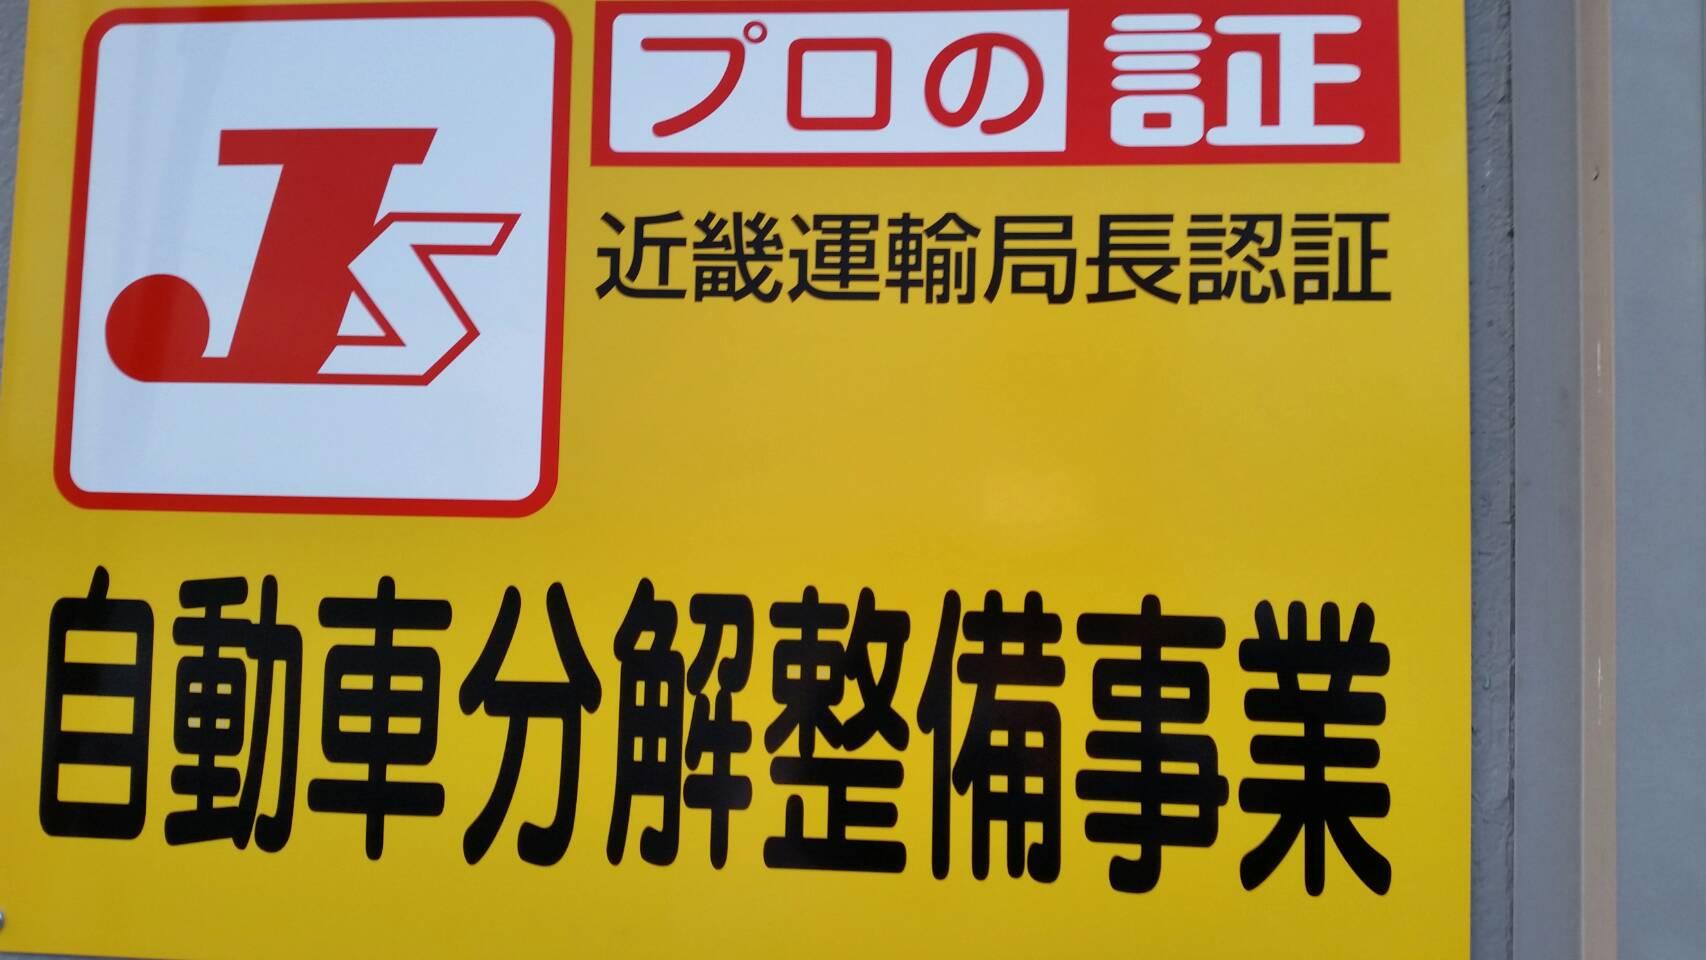 近畿運輸支局認定 認証工場